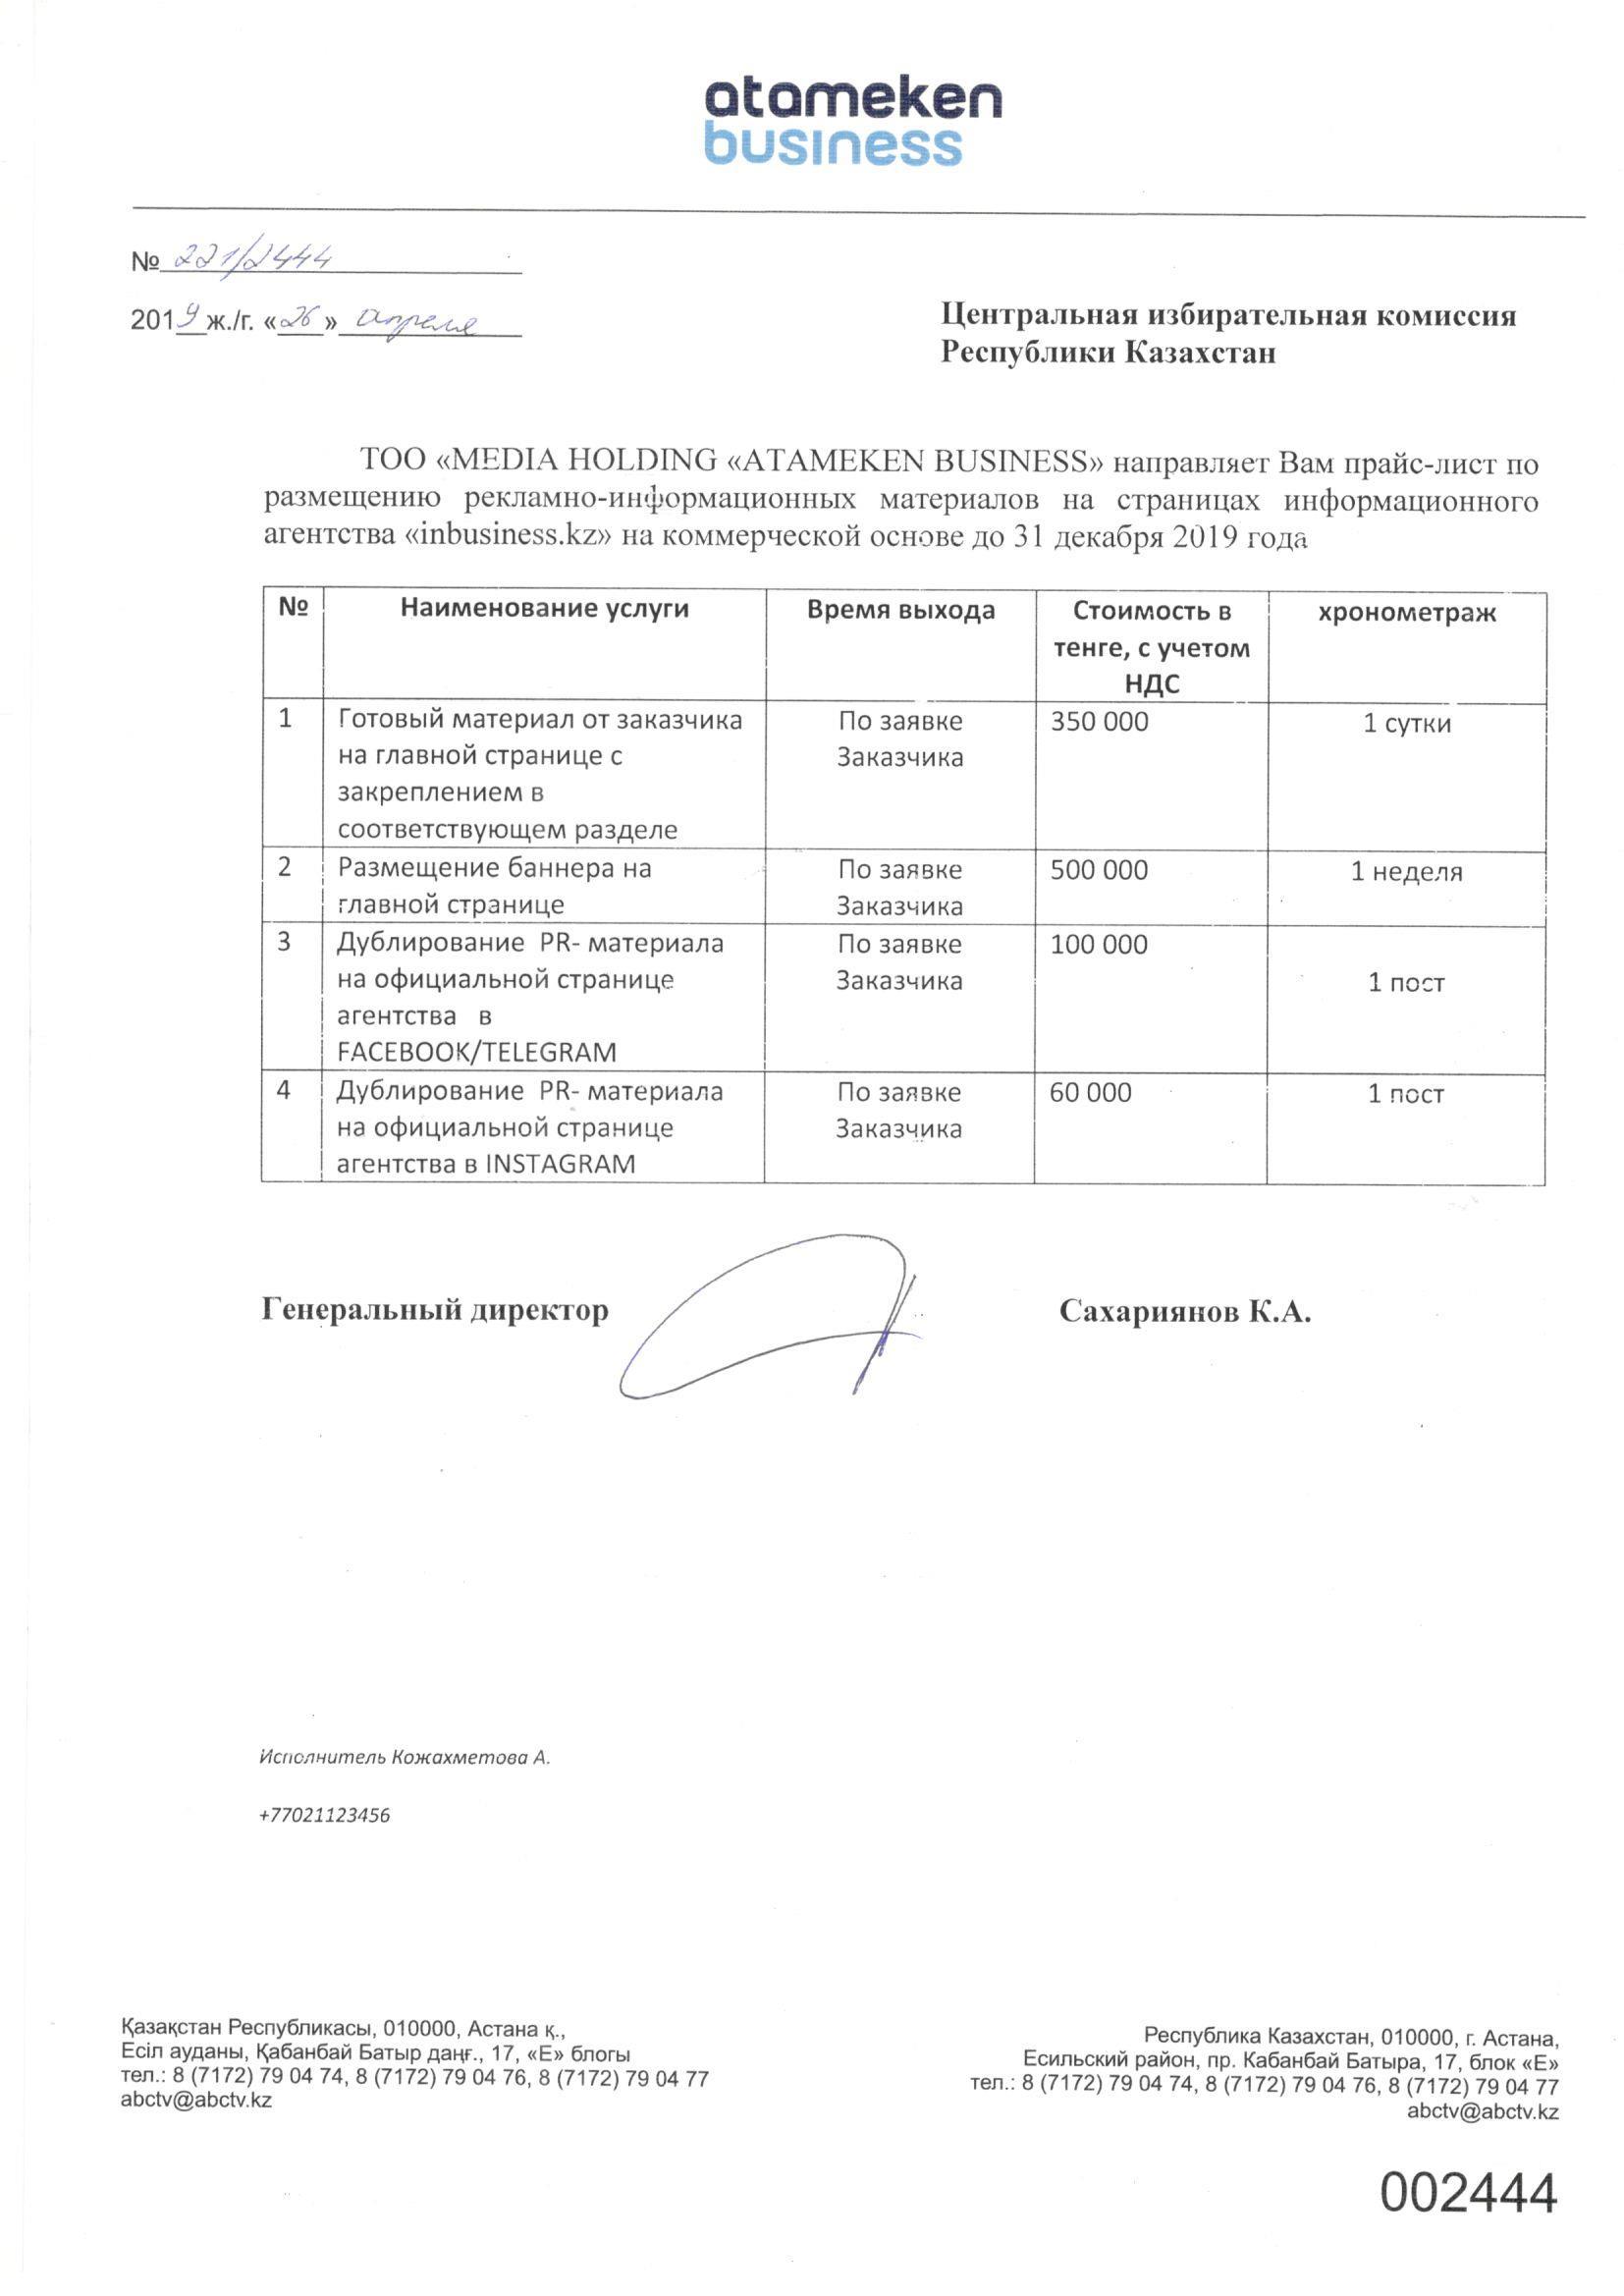 https://inbusiness.kz/ru/images/original/31/images/x37Nv8cK.png